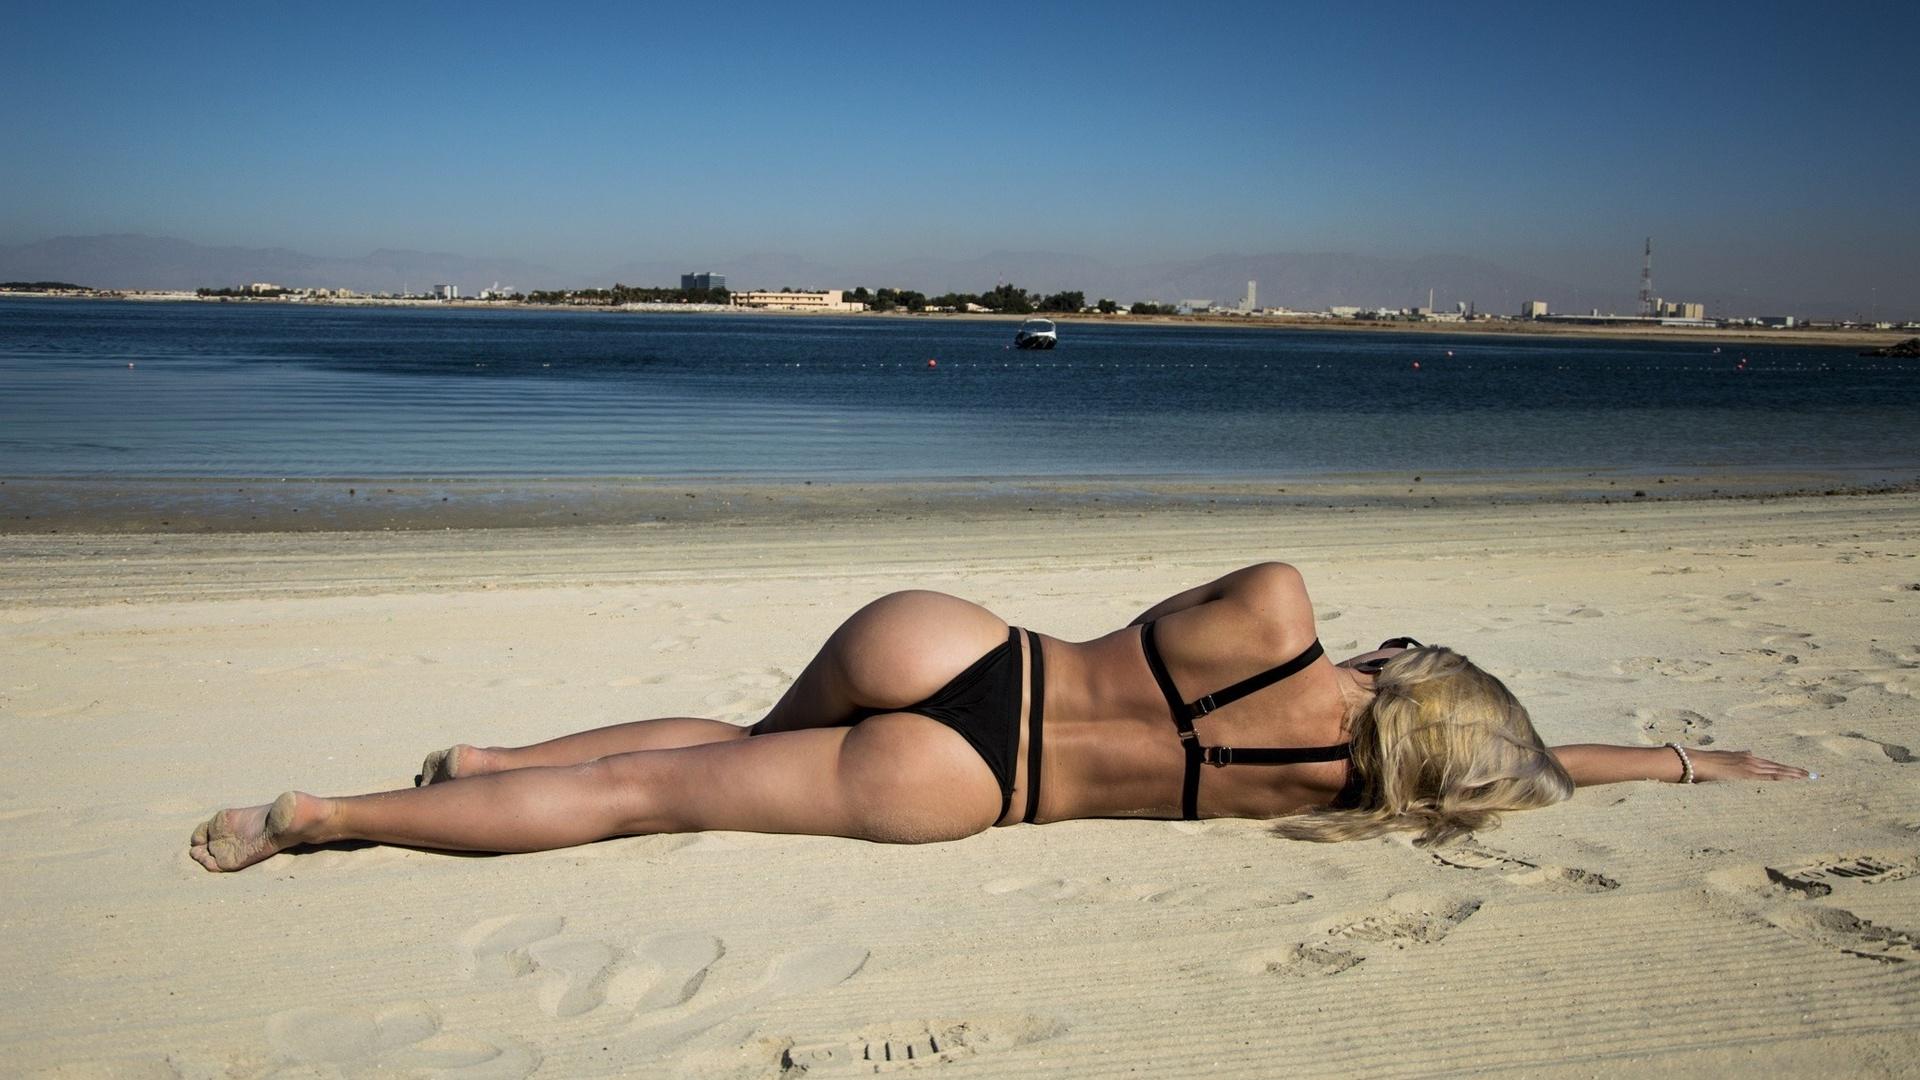 Голая девушка на пляже уснула моему